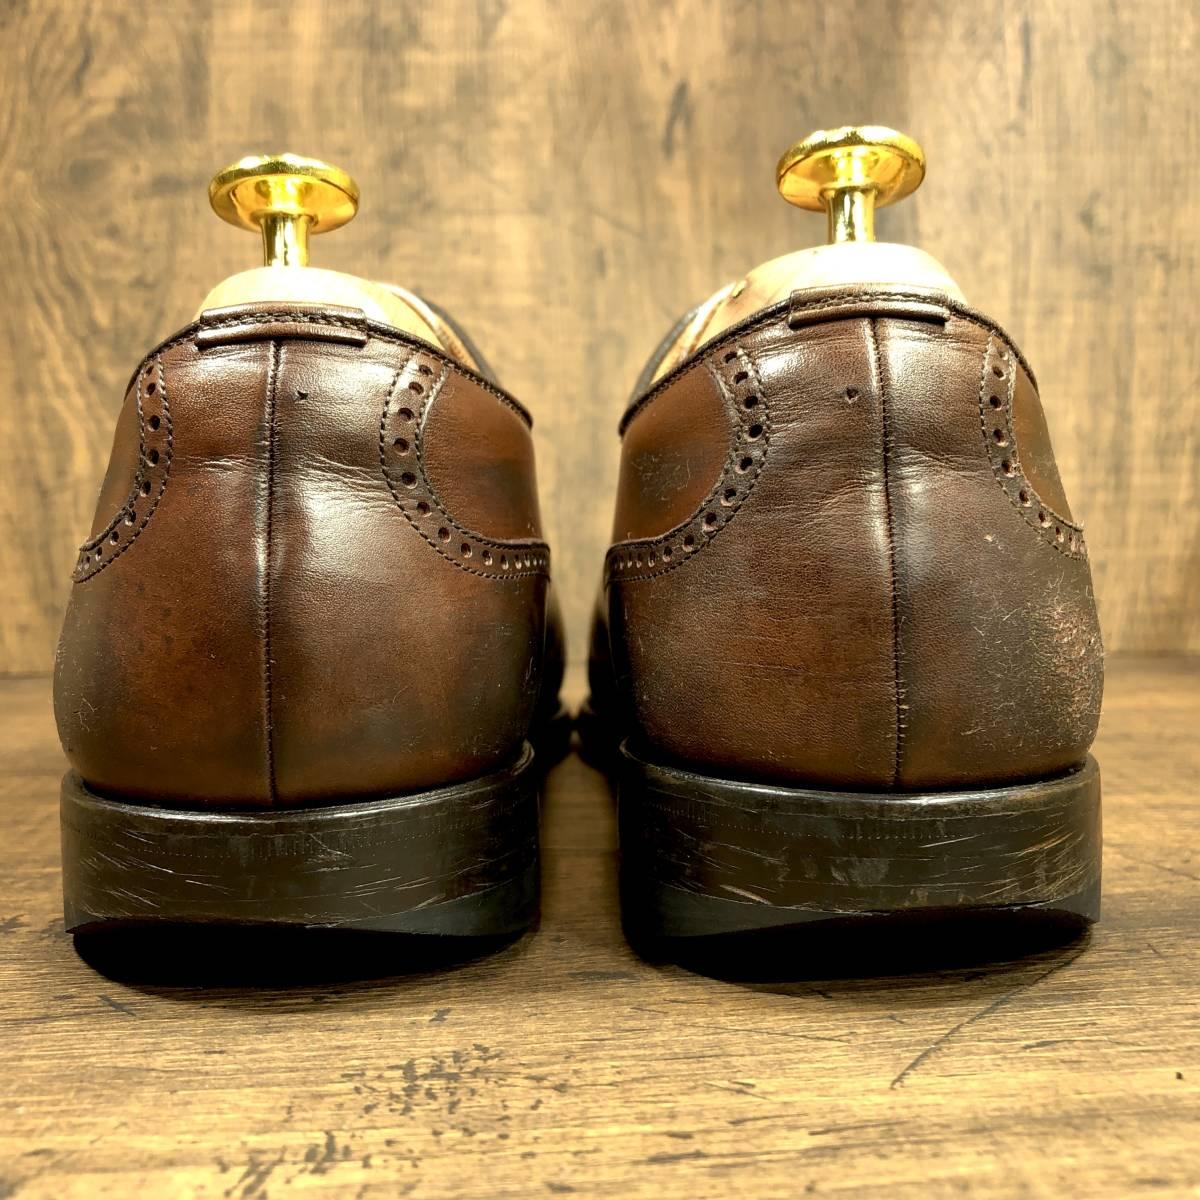 即決■SCOTCH GRAIN■ 26cm 茶 ブラウン スコッチグレイン スワールトゥ ビジネス ドレス メンズ 革靴 靴 レザー_画像3